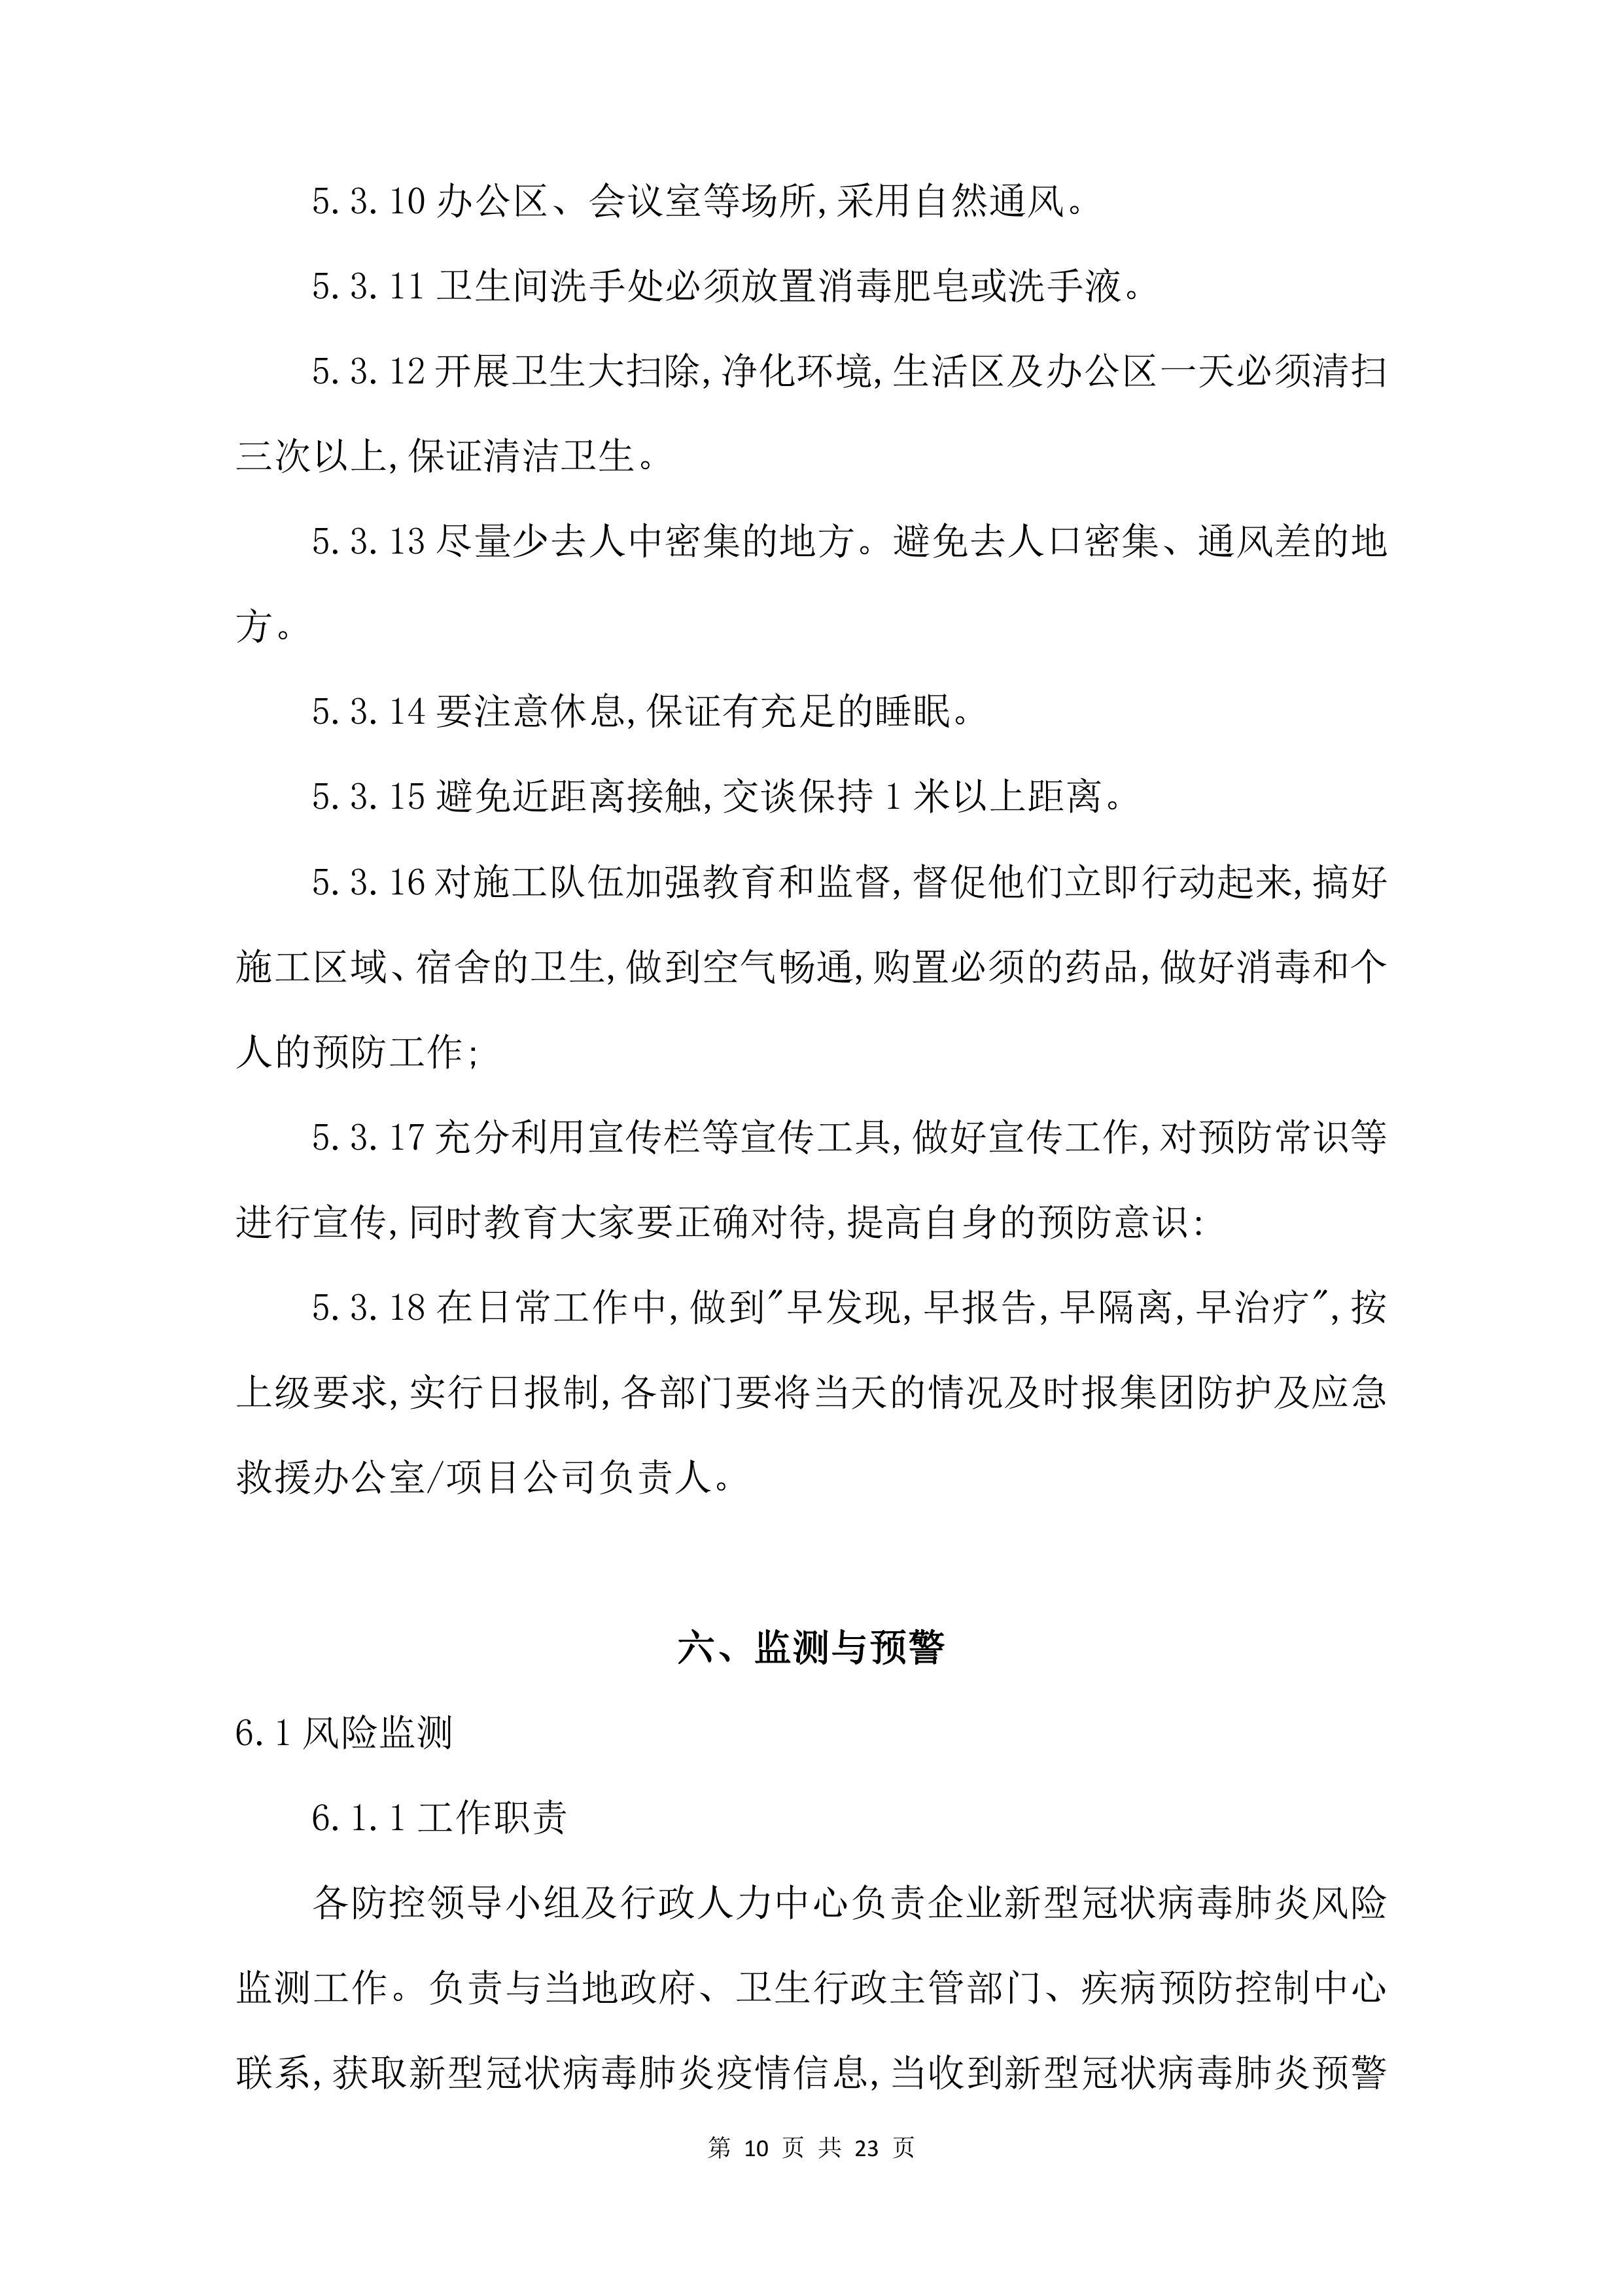 第13頁.jpg